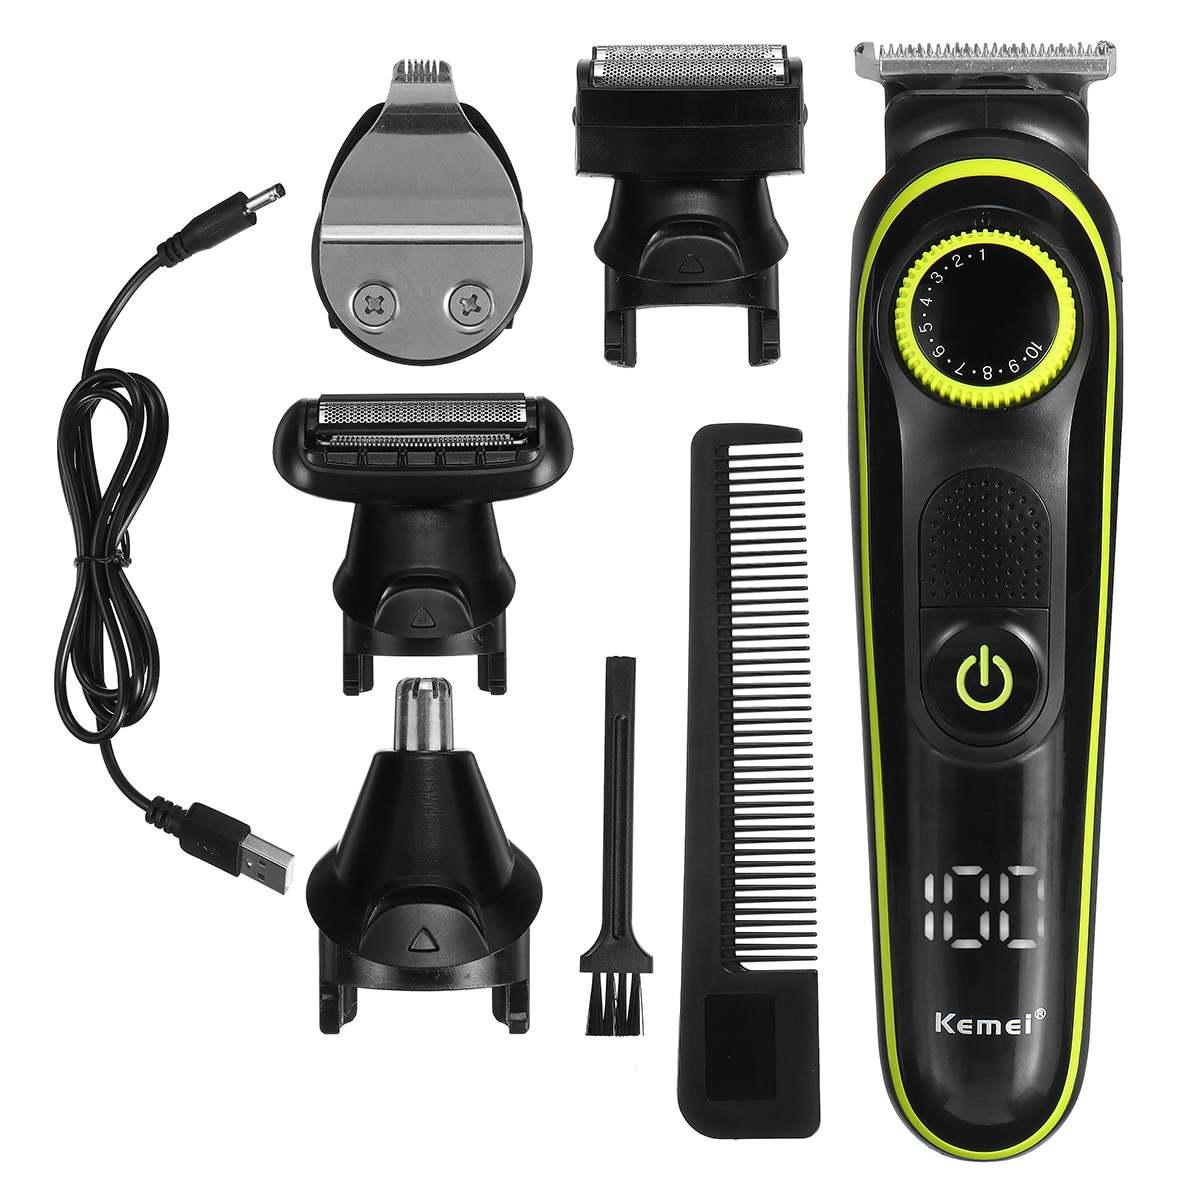 familiar clippers multifuncional usb recarregavel barbeador display led 5 1 cabecas cortador 05